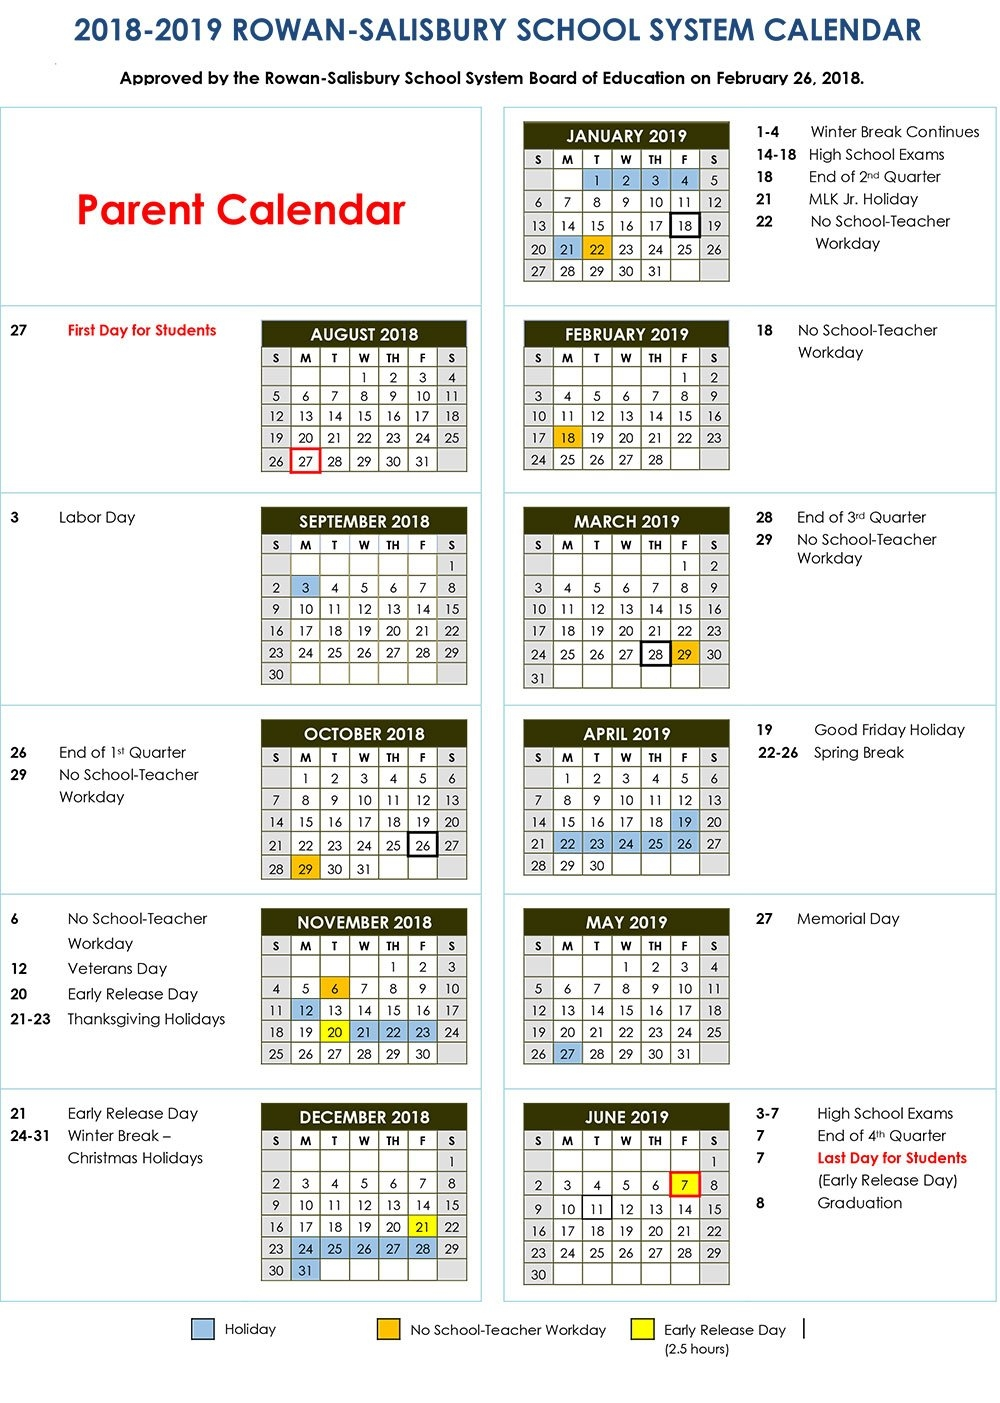 2018-2019 Calendars | District News School District 5 Calendar 2019